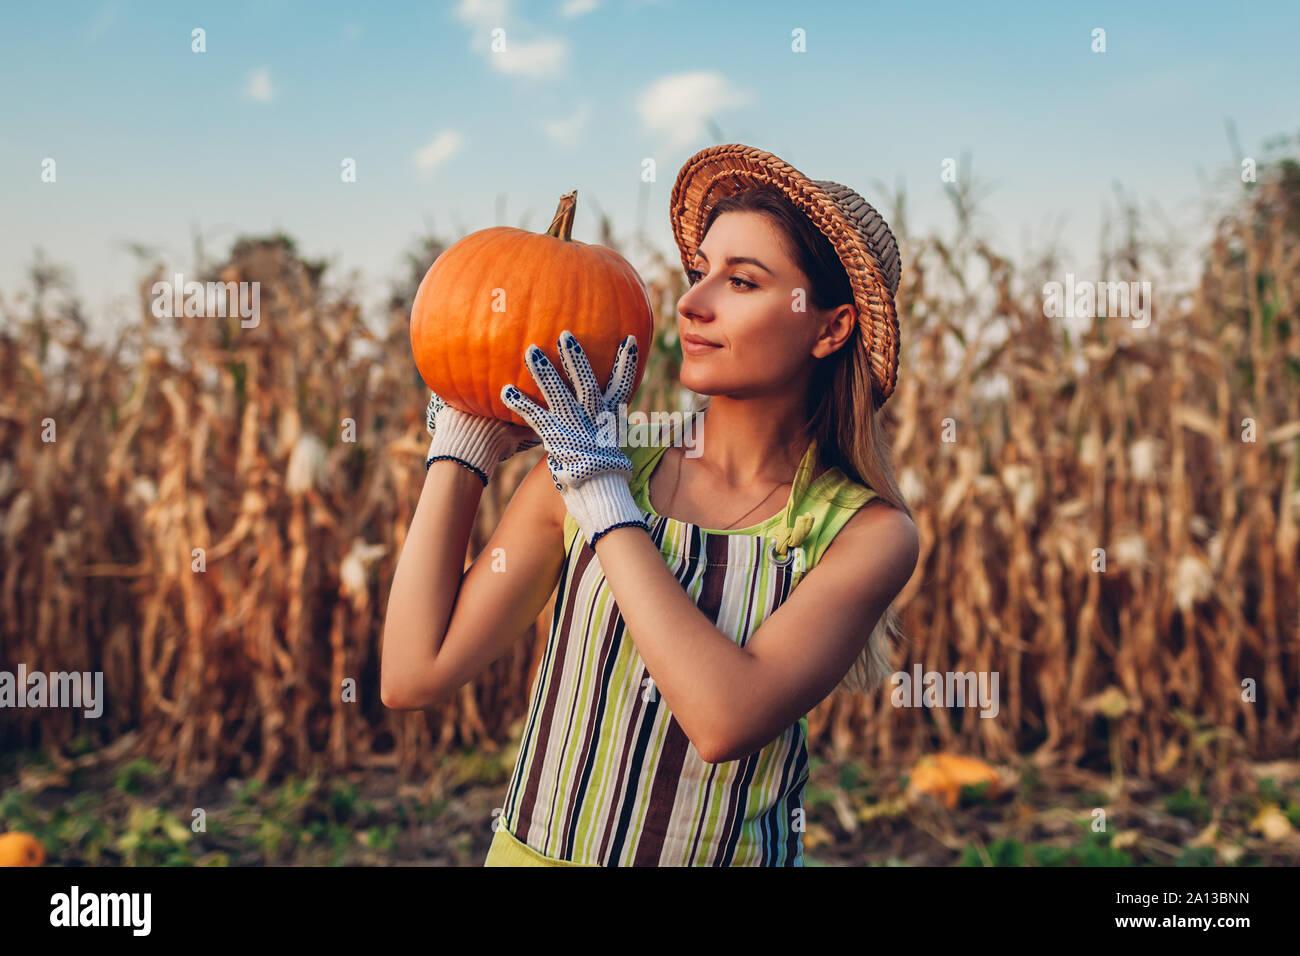 Raccolto di zucca. Donna giovane agricoltore picking raccolto autunnale di zucche in azienda. L'agricoltura. Il ringraziamento e la preparazione di Halloween Foto Stock